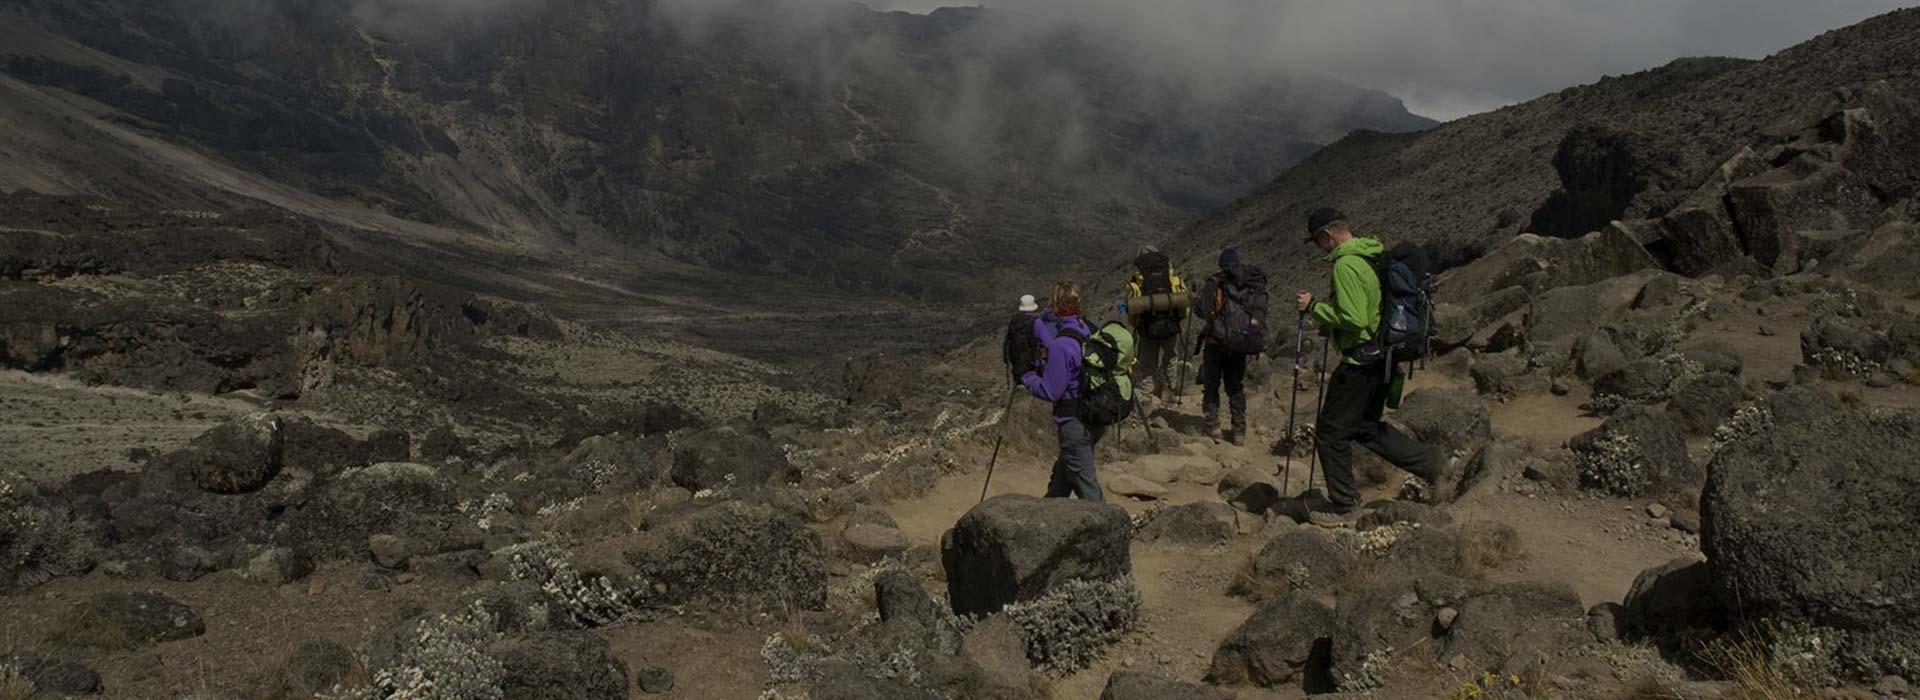 Difficulties Of Trekking Kilimanjaro